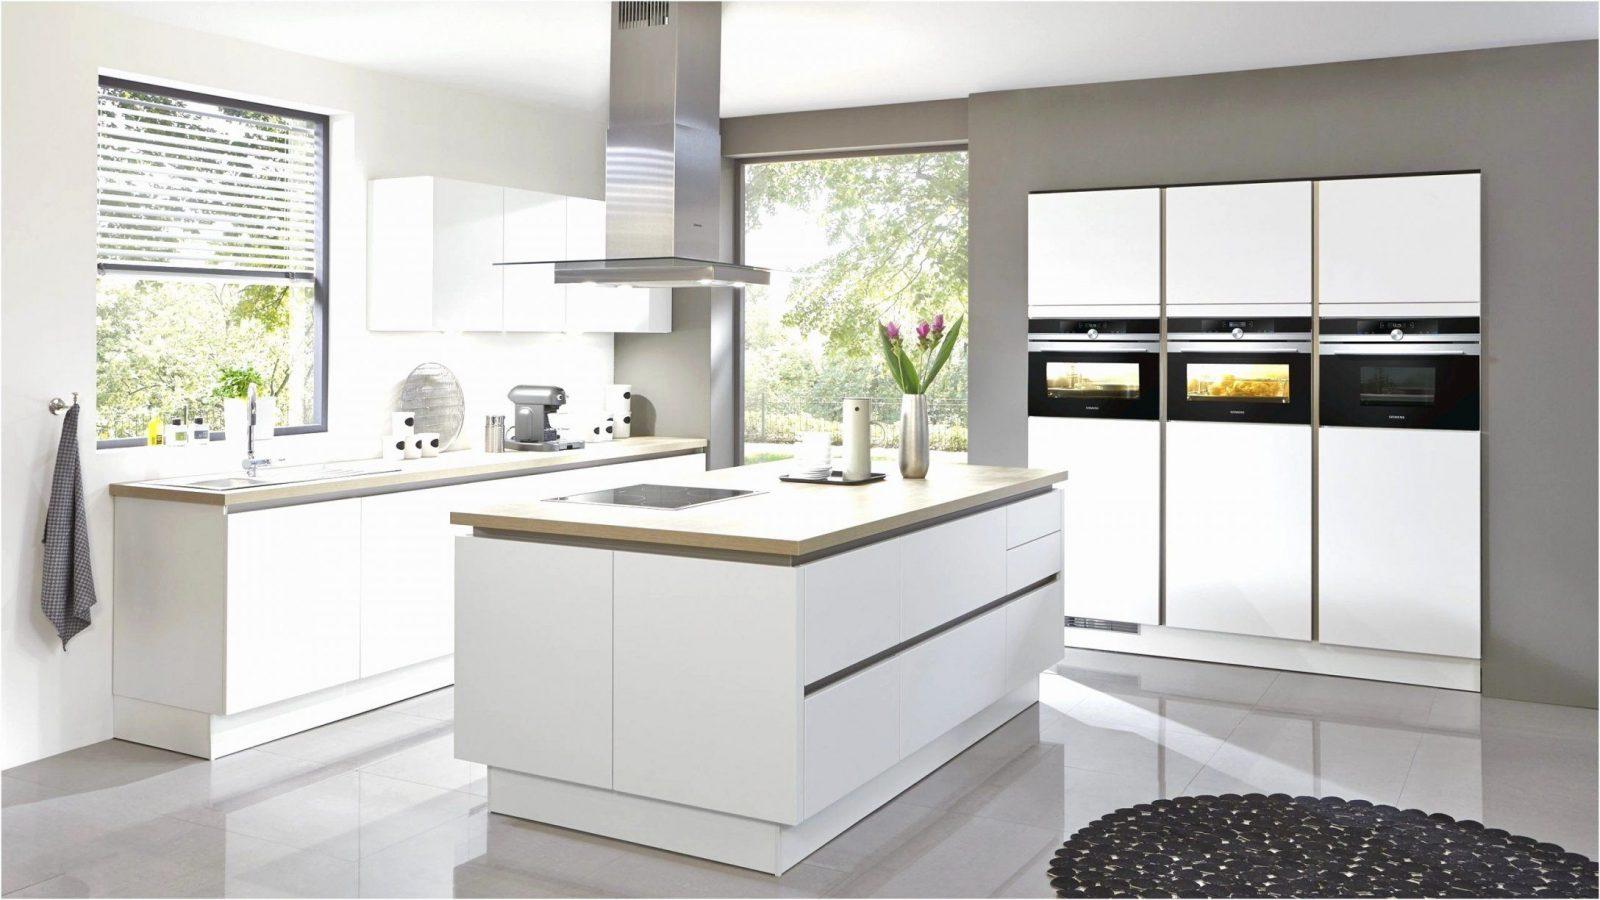 Tisch Ideen Kleine Küche Unique Kleine K Che Gestalten Interieur von Tisch Ideen Kleine Küche Photo